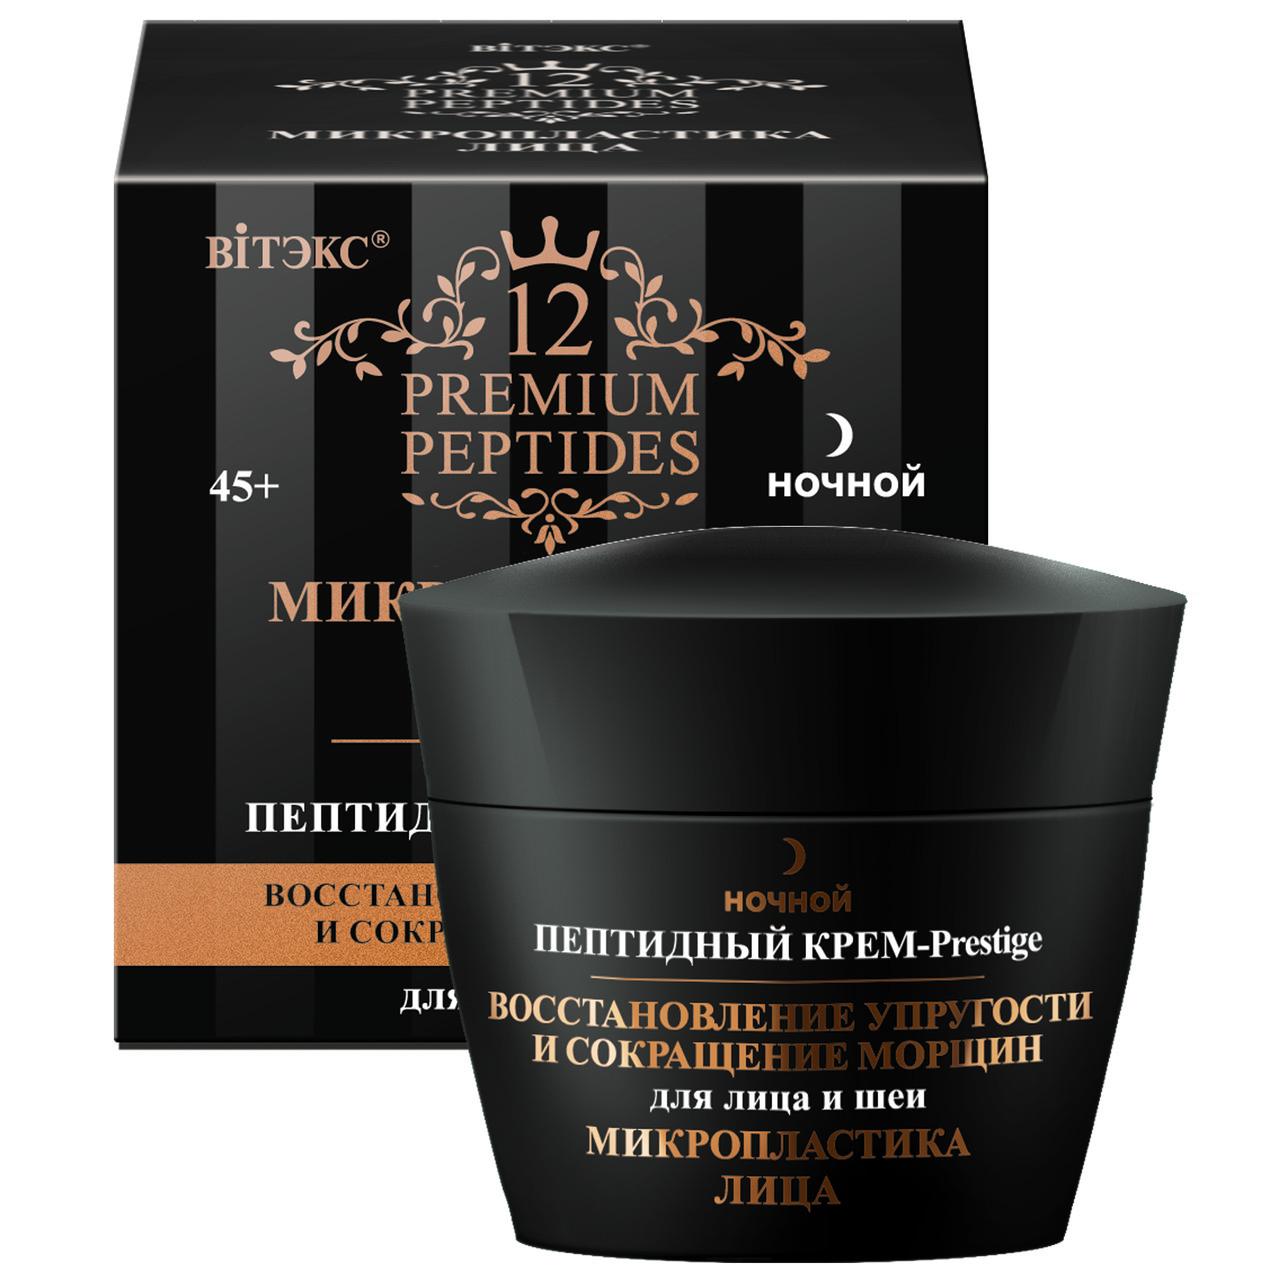 Пептидний Крем-Prestige для обличчя та шиї нічний Вітекс Мікропластика Обличчя 45 мл